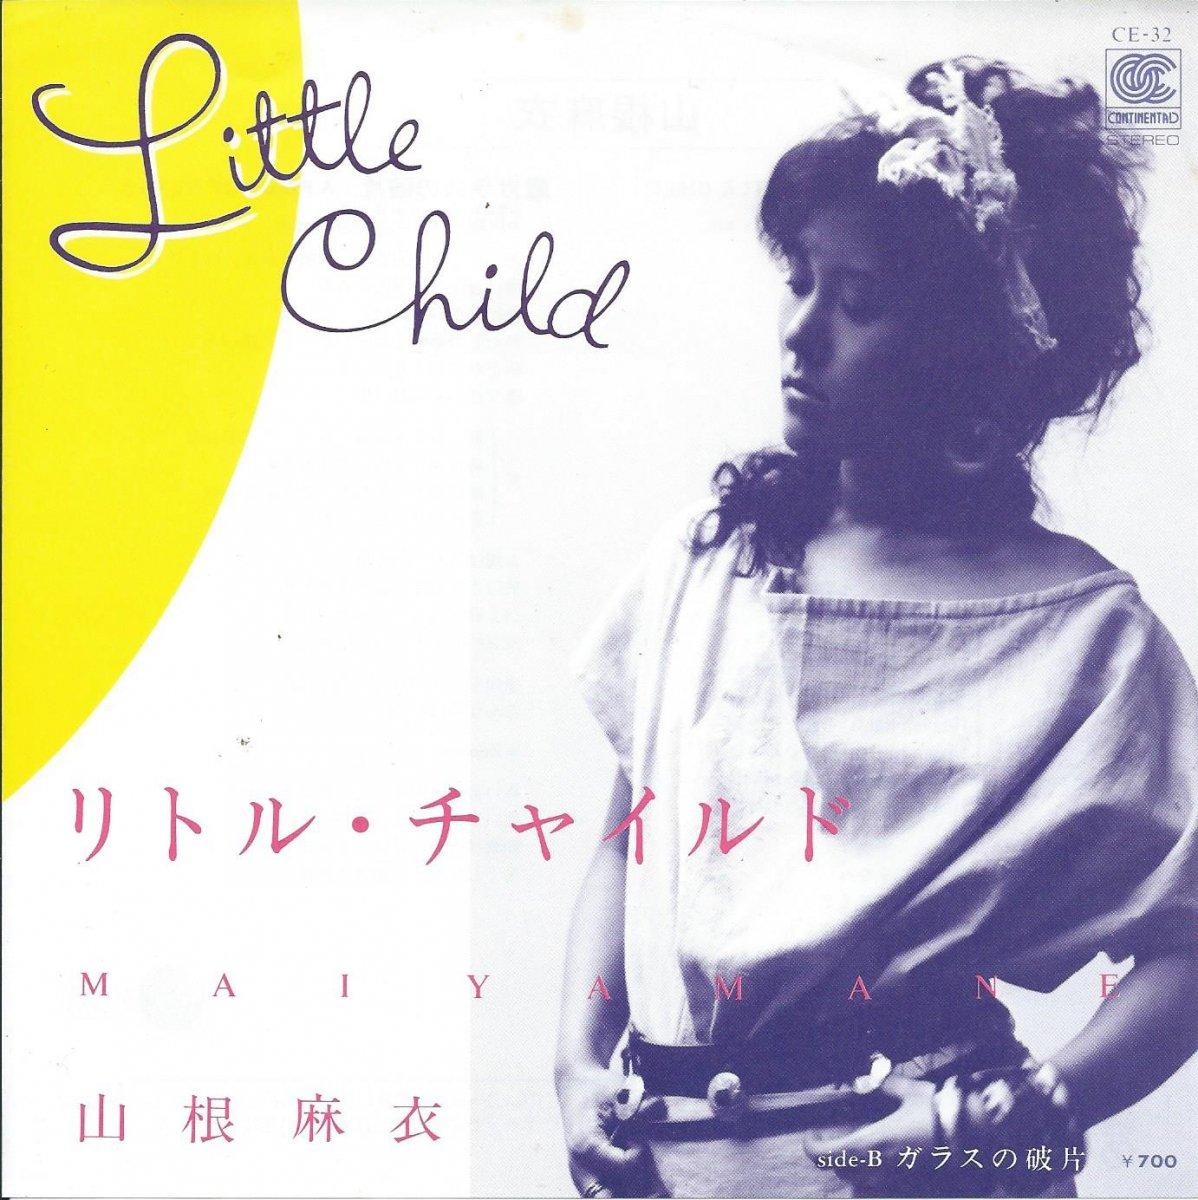 山根麻衣 MAI YAMANE / リトル・チャイルド LITTLE CHILD / ガラスの破片 A PIECE OF GLASS (LP)